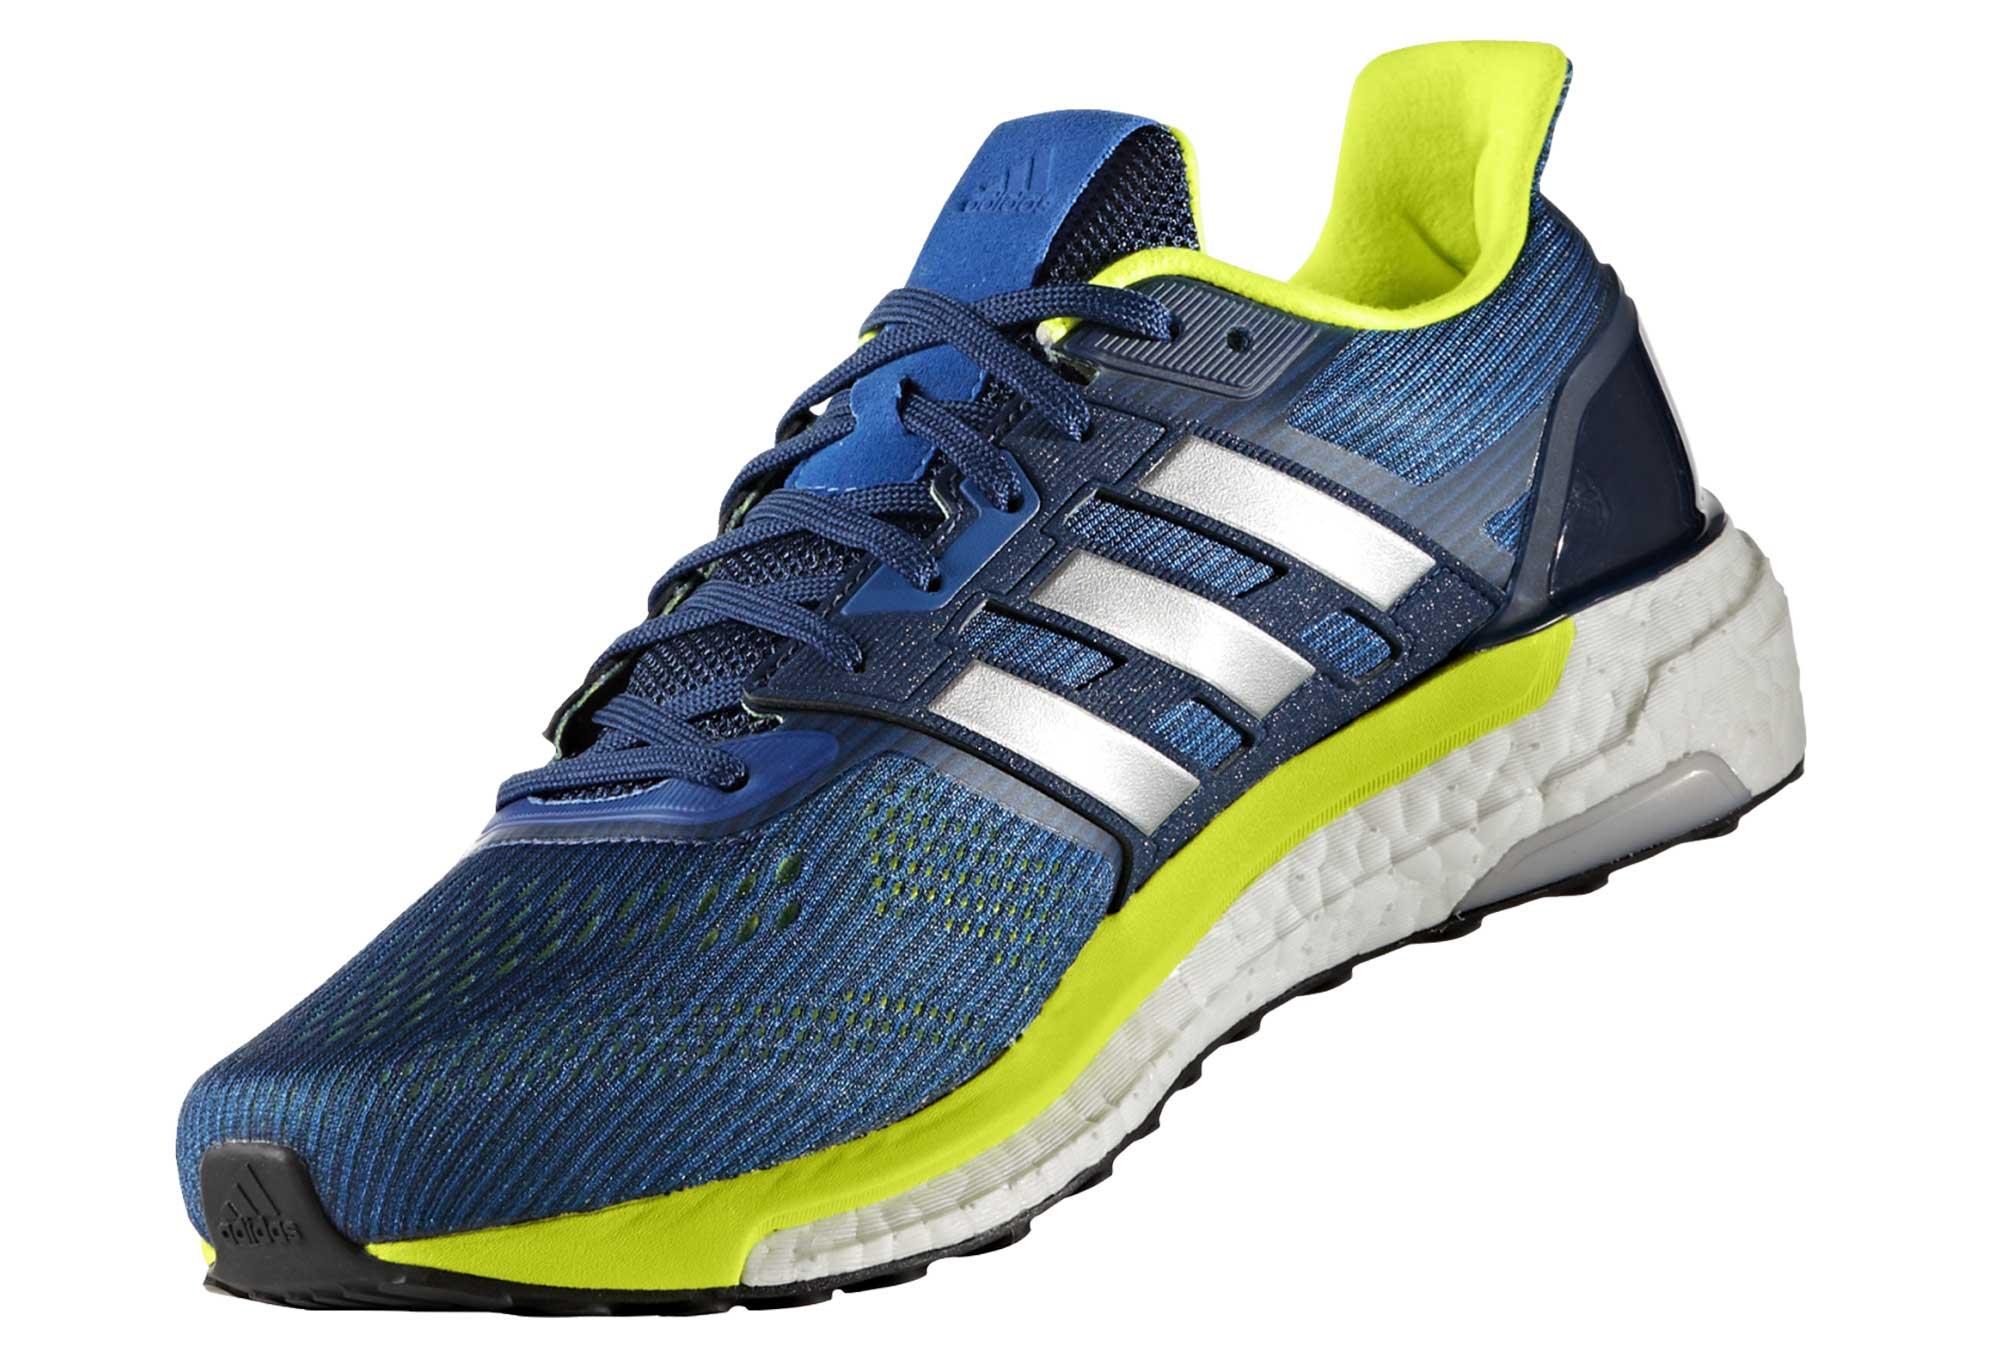 new concept dd59f fad28 Chaussures de Running adidas running Supernova Jaune   Bleu